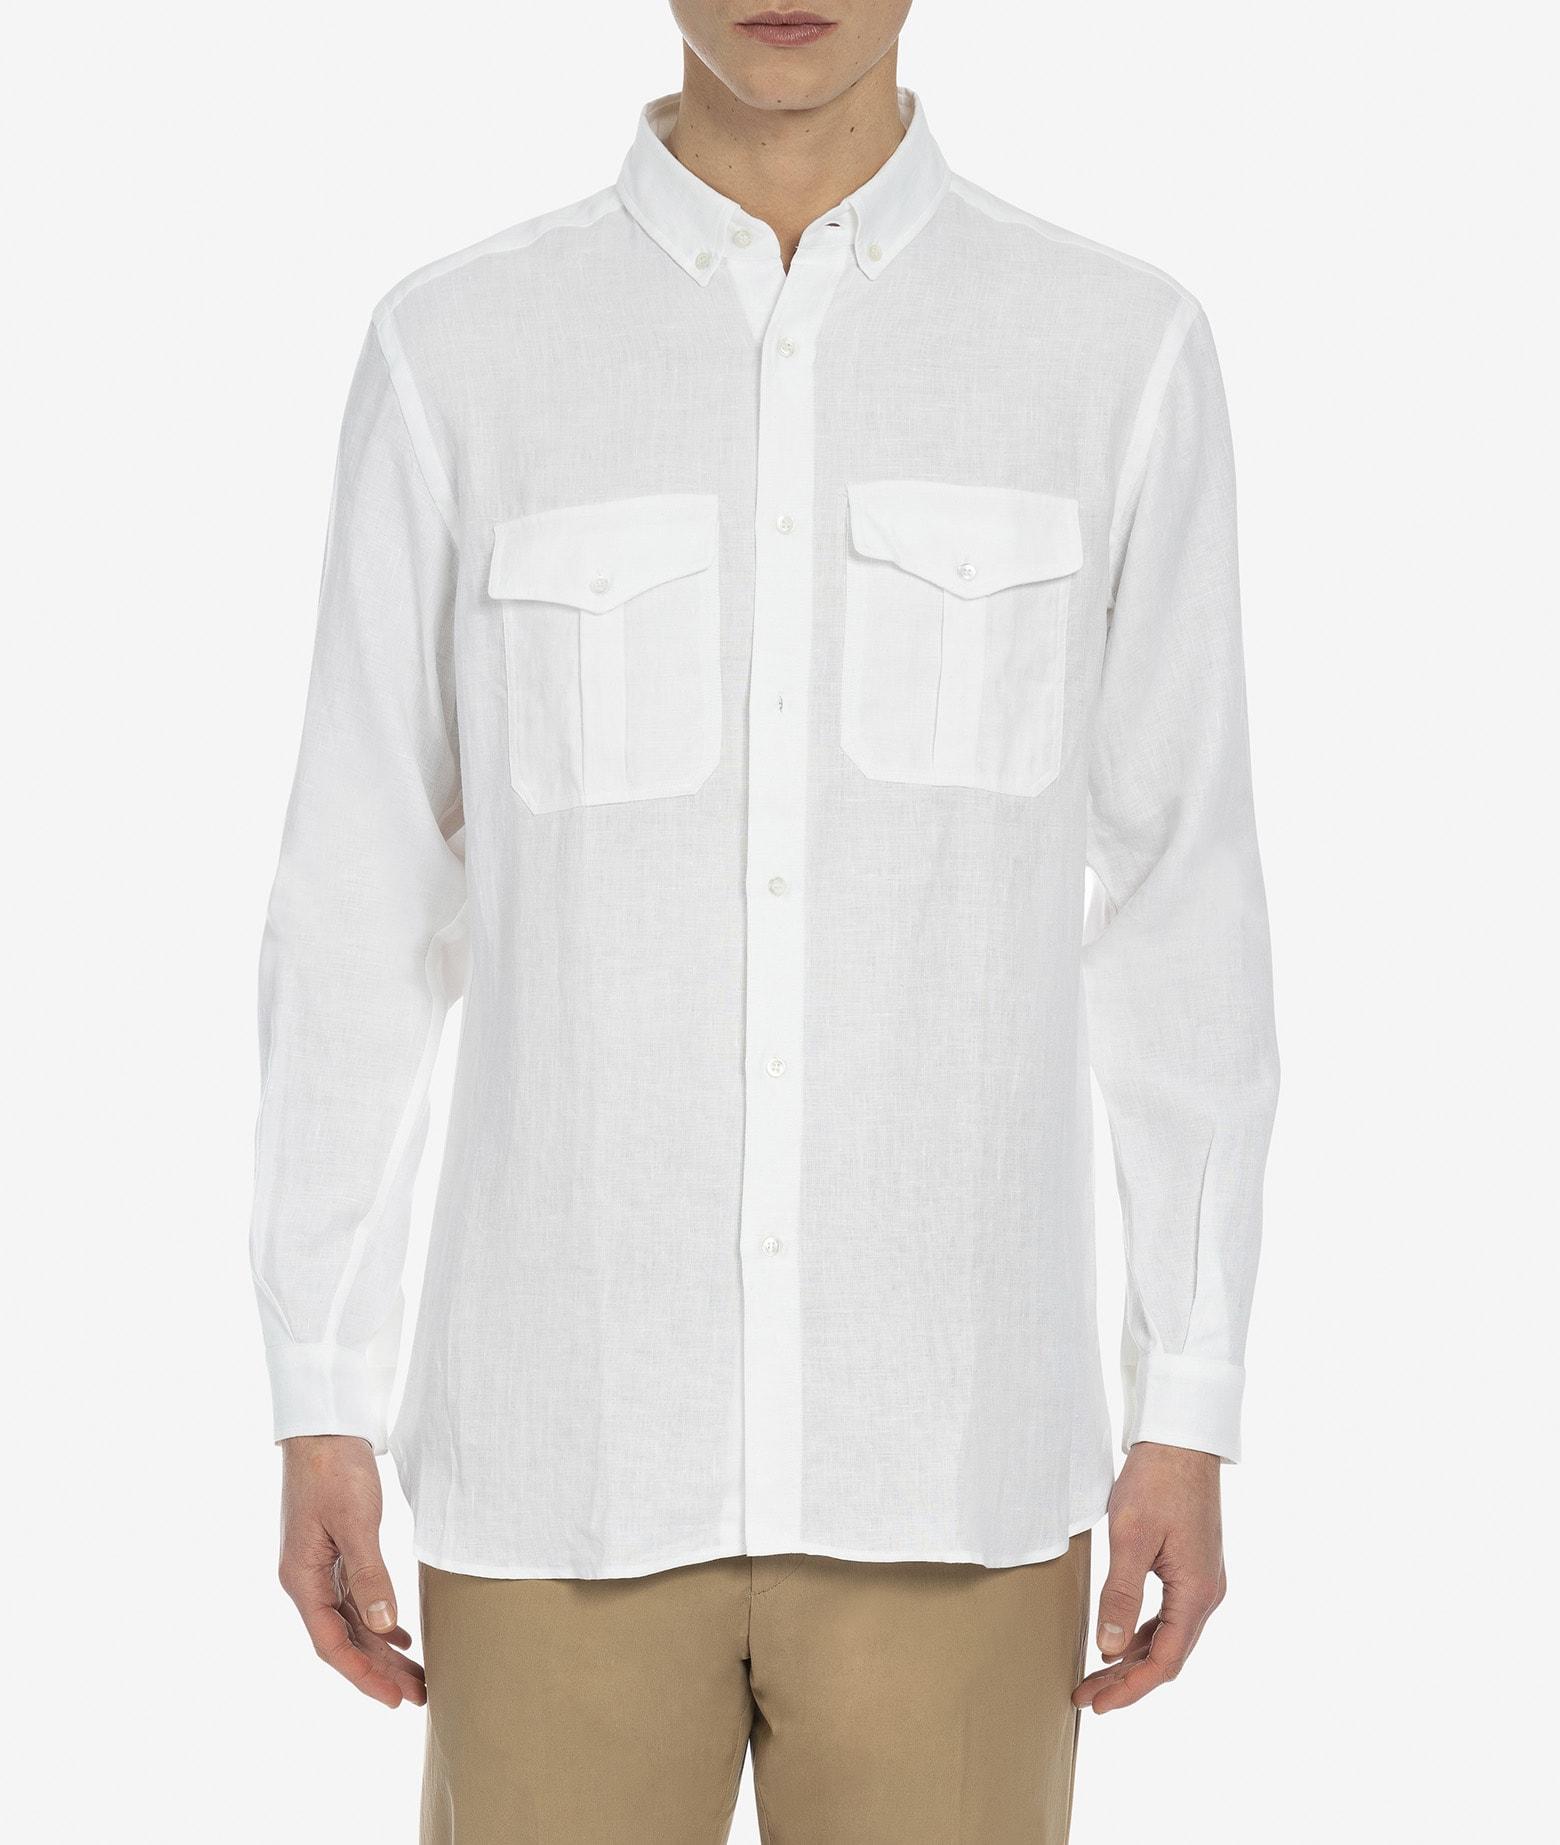 nairobi Shirt